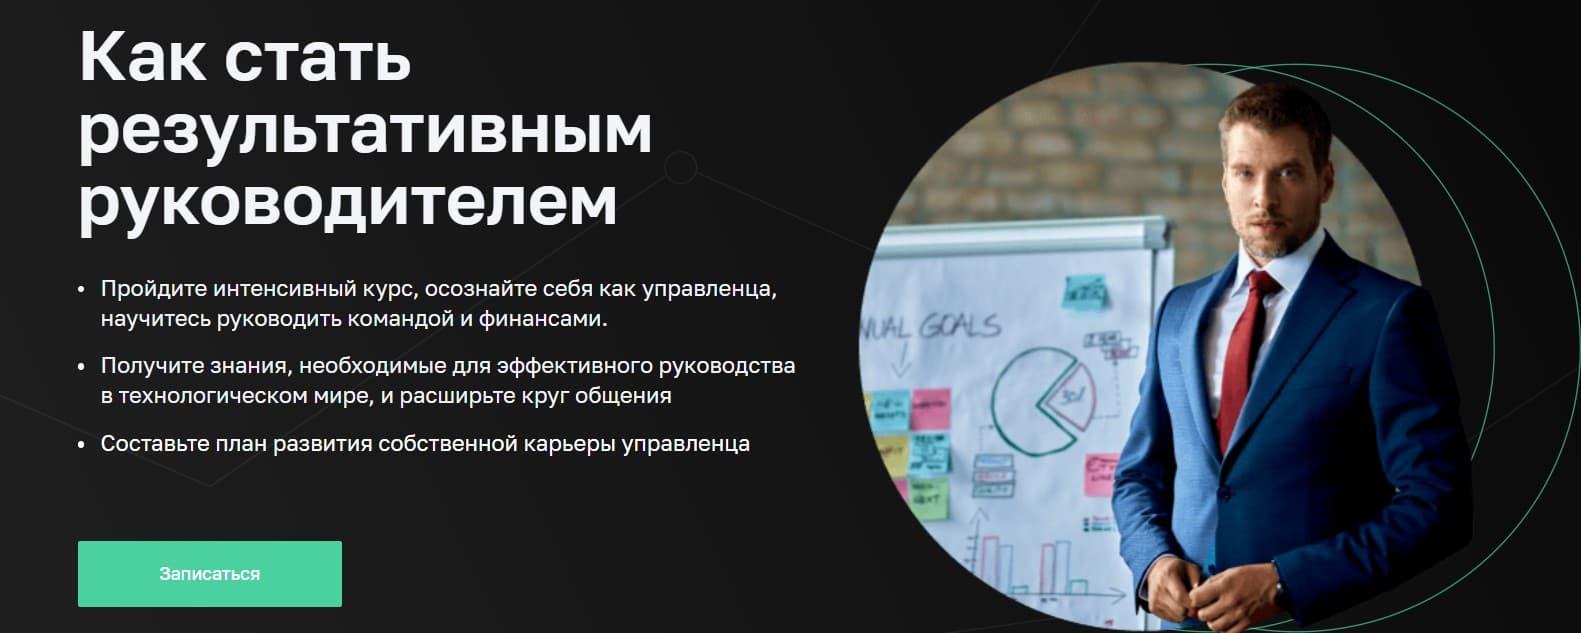 Записаться на курс «Как стать результативным руководителем» от Нетологии